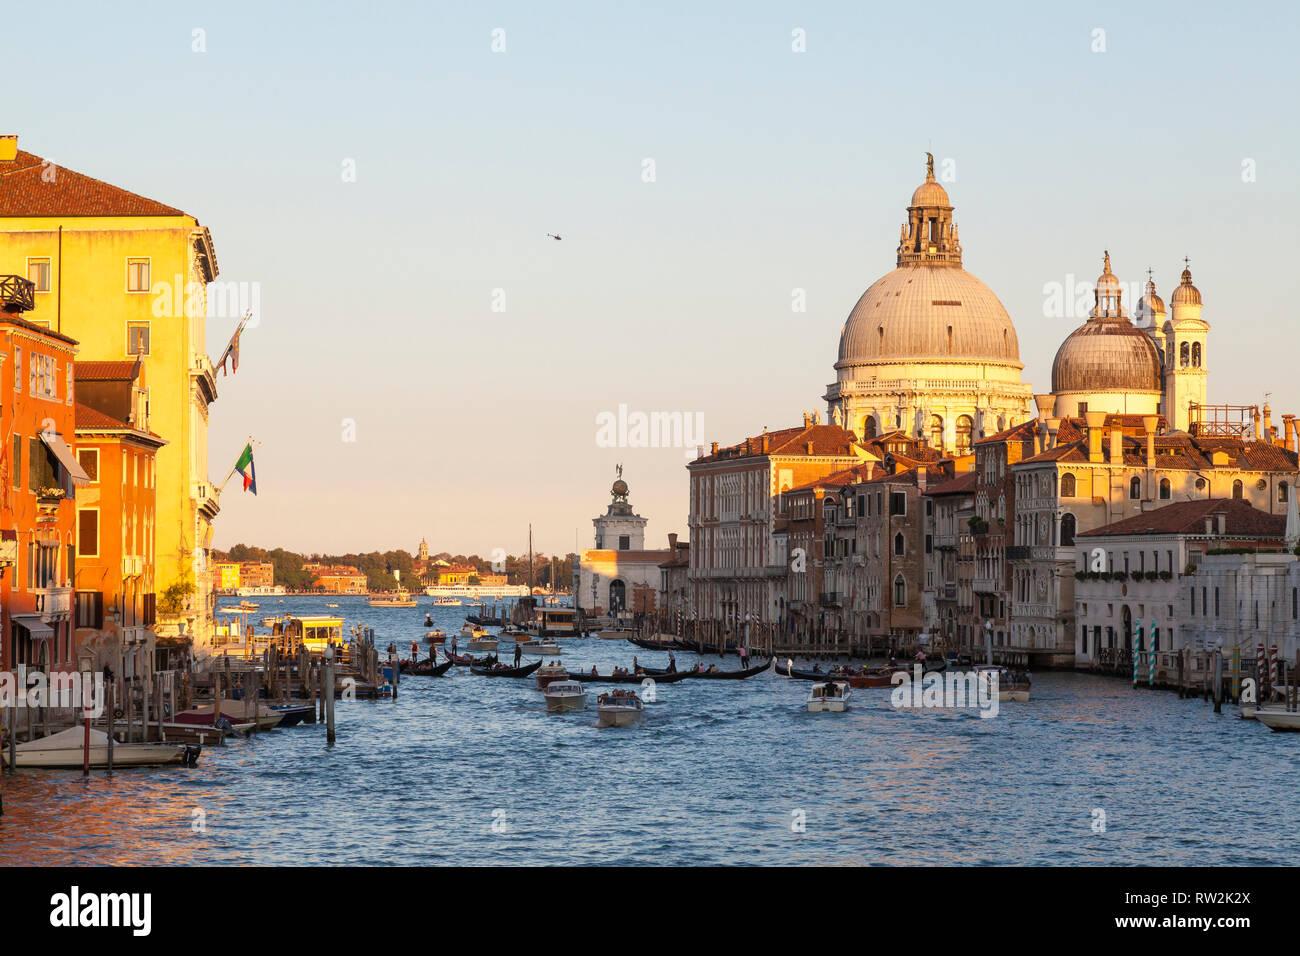 Sonnenuntergang auf den Canale Grande und die Basilica di Santa Maria della Salute, Venedig, Venetien, Italien mit mehreren Gondeln auf dem Canal und warmen goldenen Licht Stockfoto